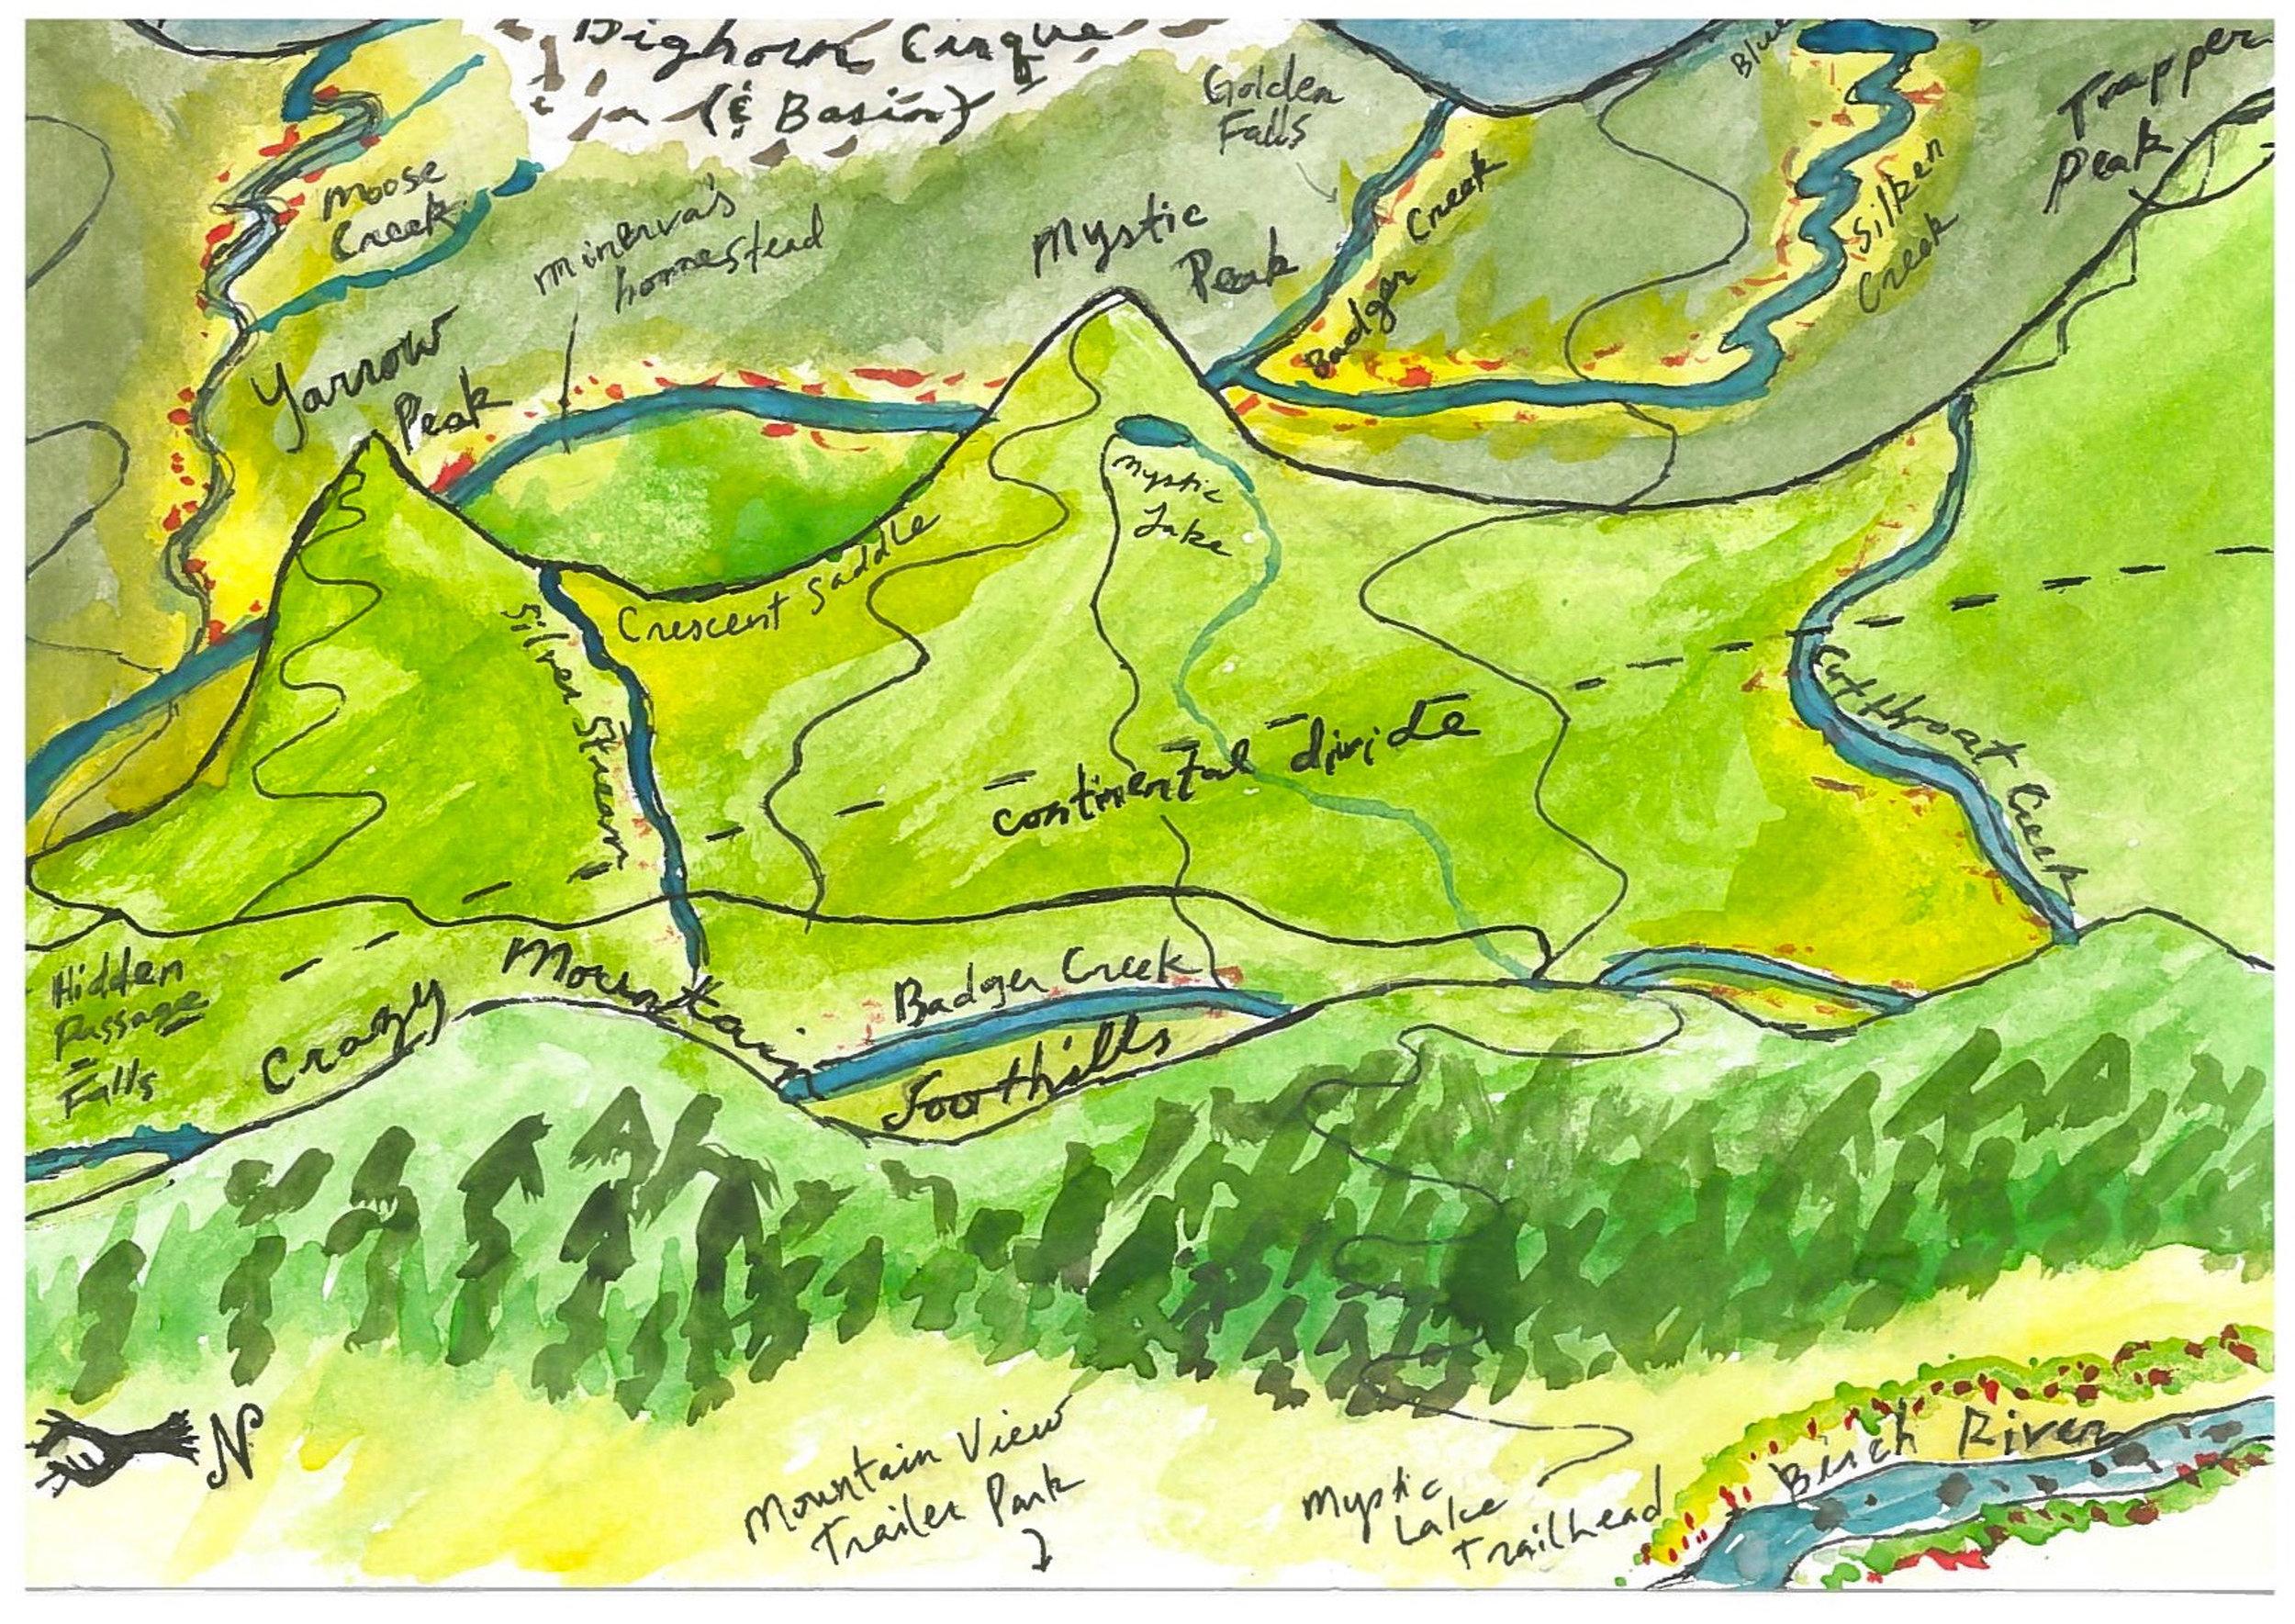 Crazy Mountains map watercolor orginial -1.jpg